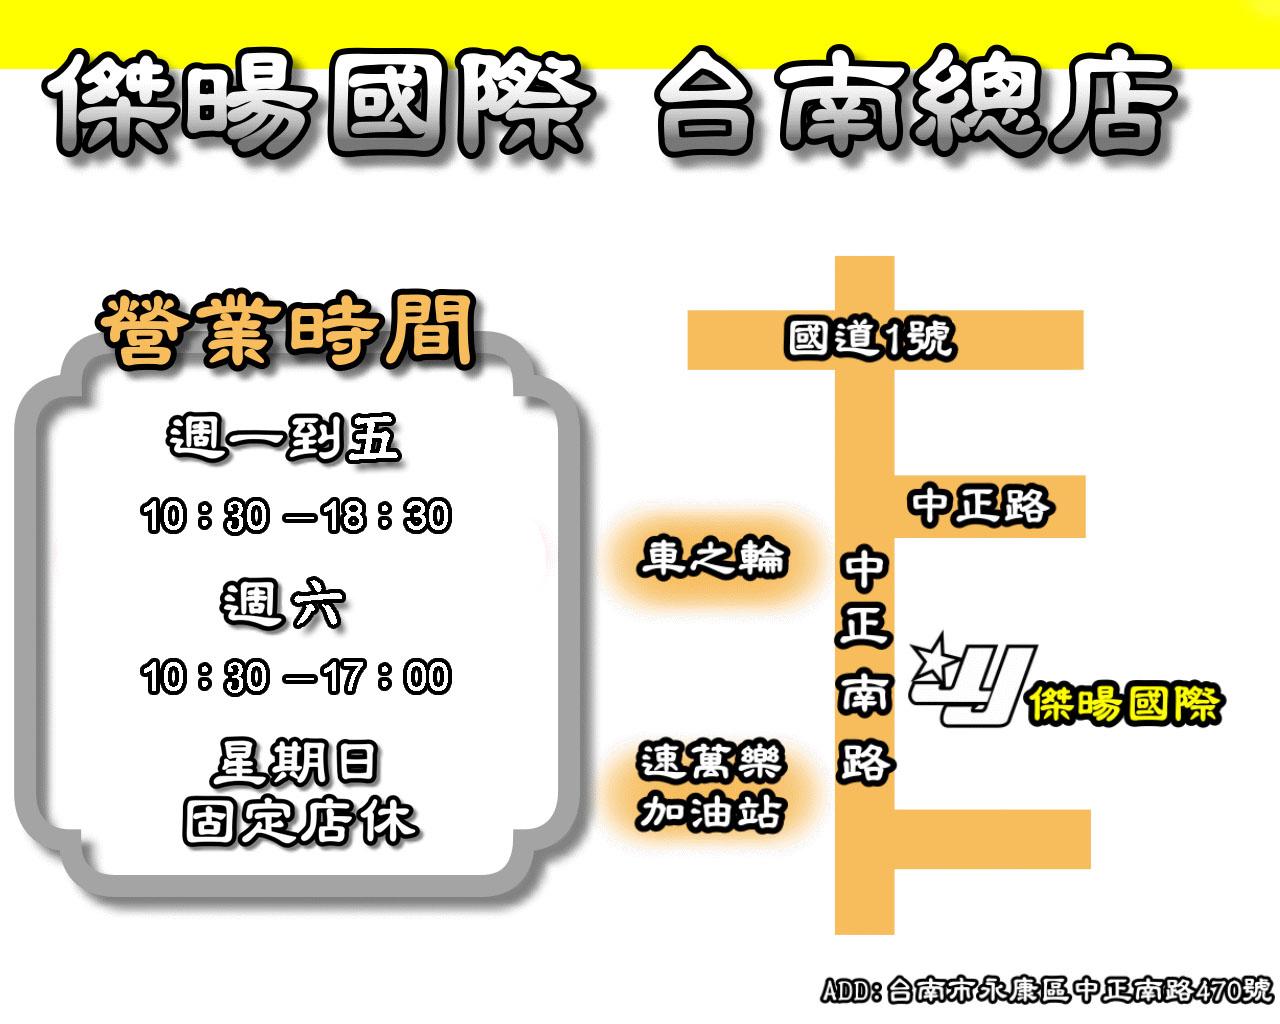 台南營業時間公告